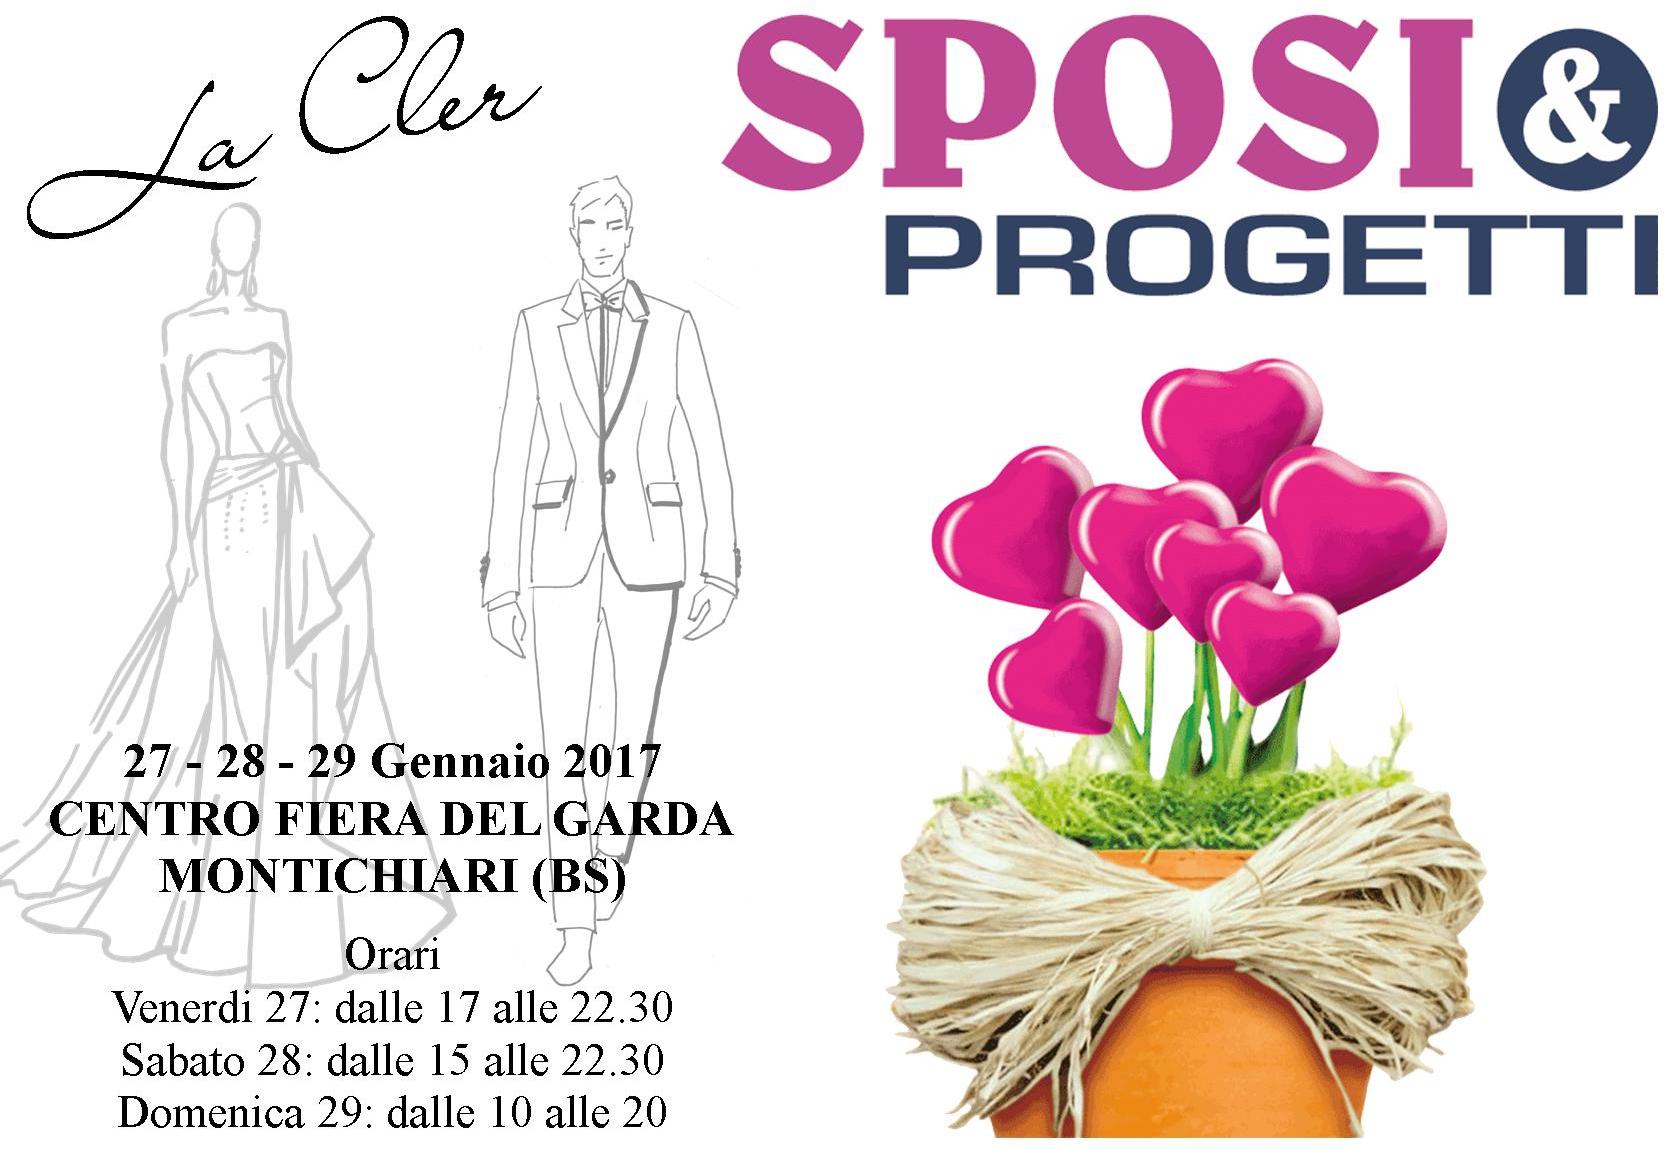 La Cler a Sposi & Progetti